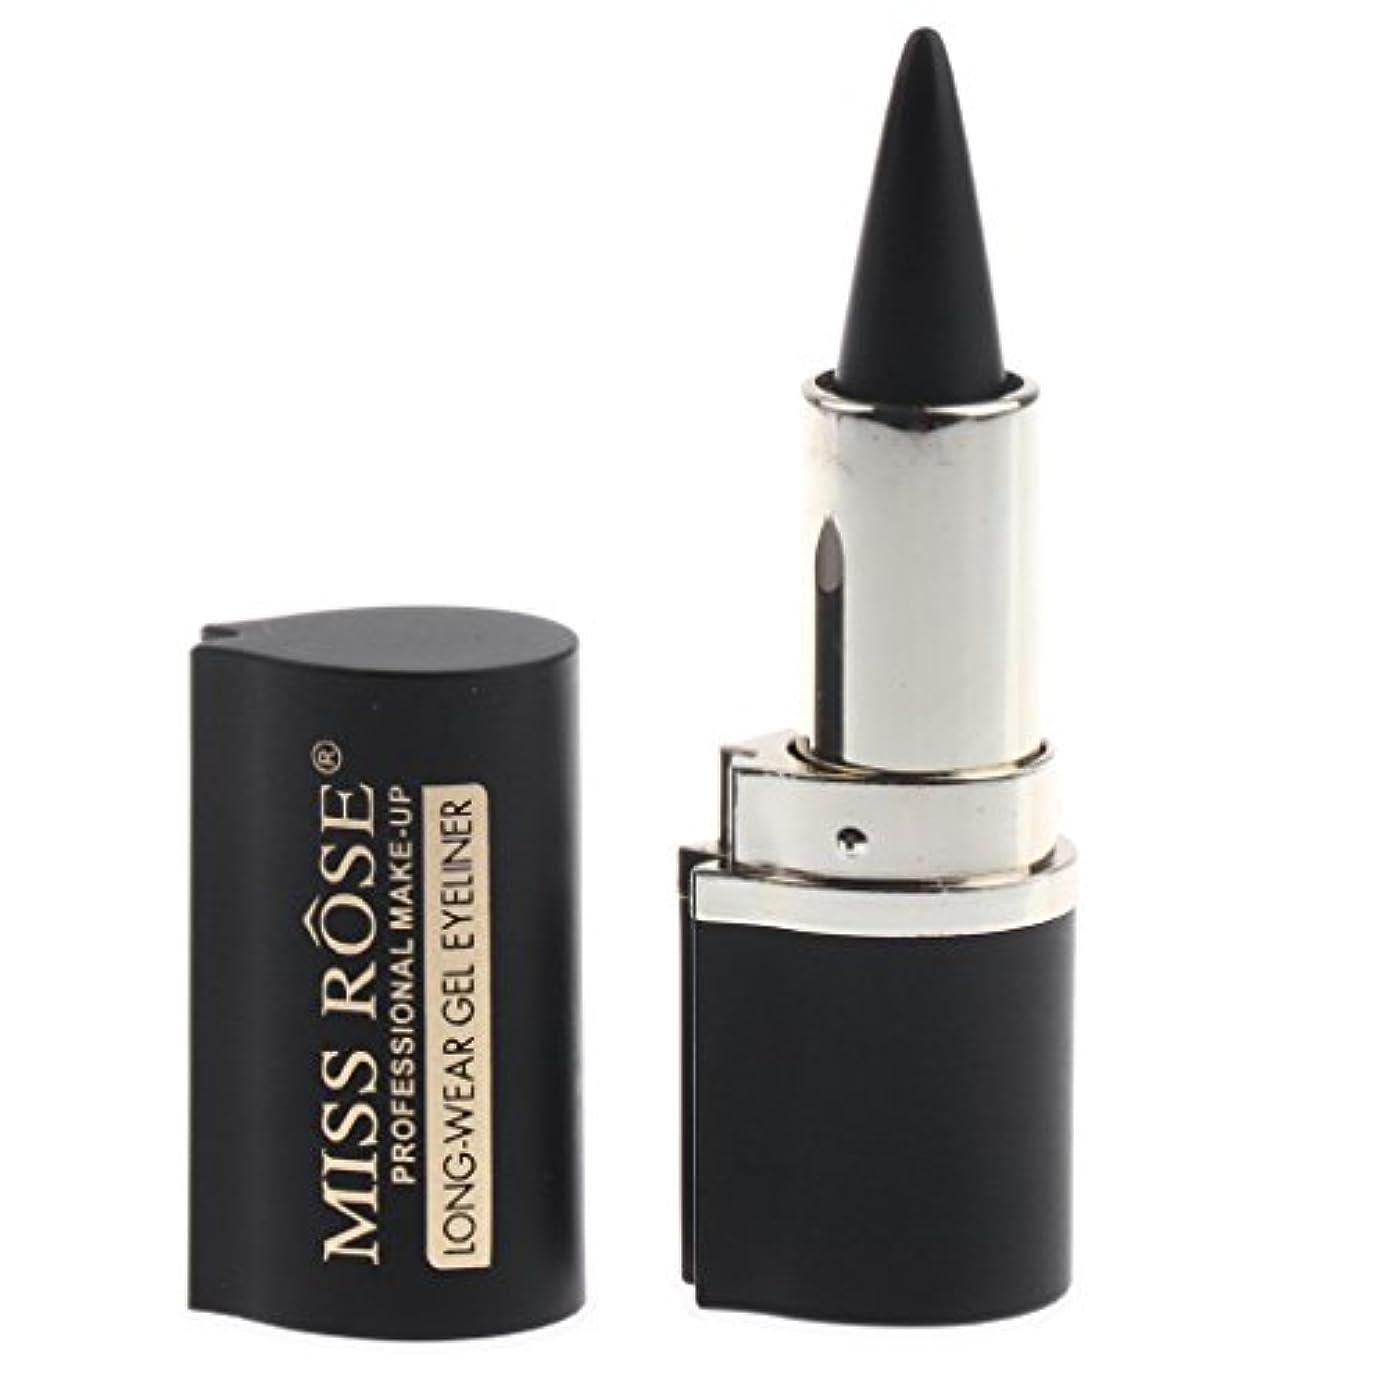 ベンチャー予感マイルドDYNWAVE アイライナー ペーストペン 化粧品 アイライナージェル メイク 持ち運び簡単 アイメイク 耐水性